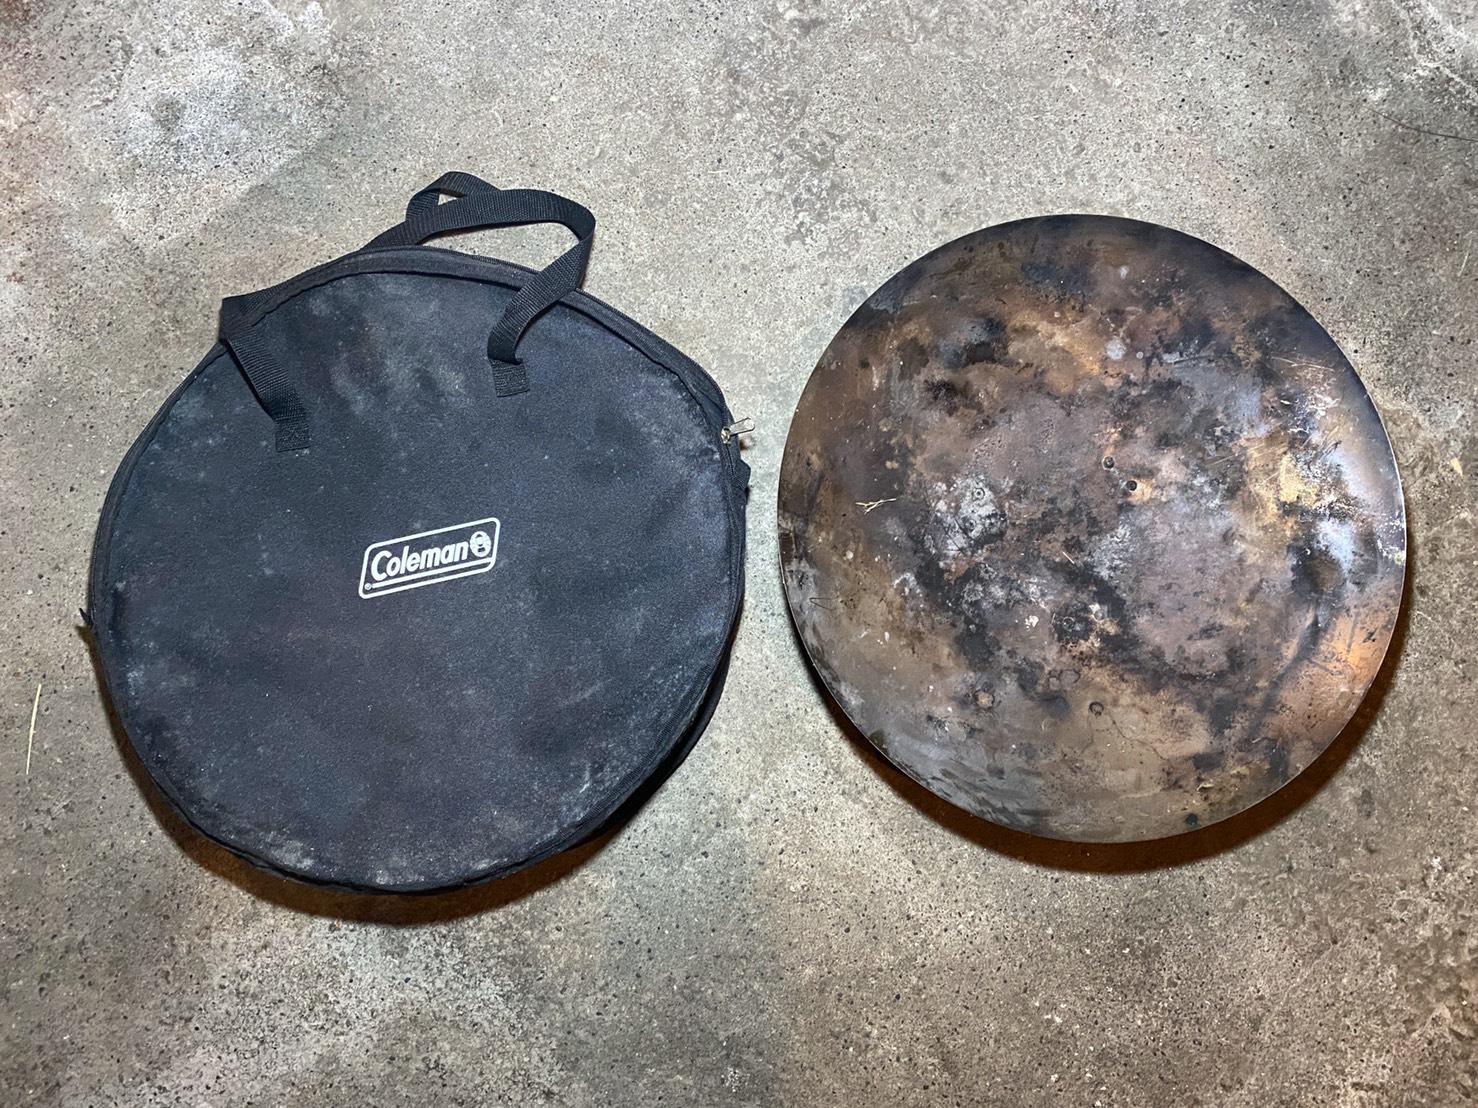 長年愛用している焚火台のケースがカビでしまった